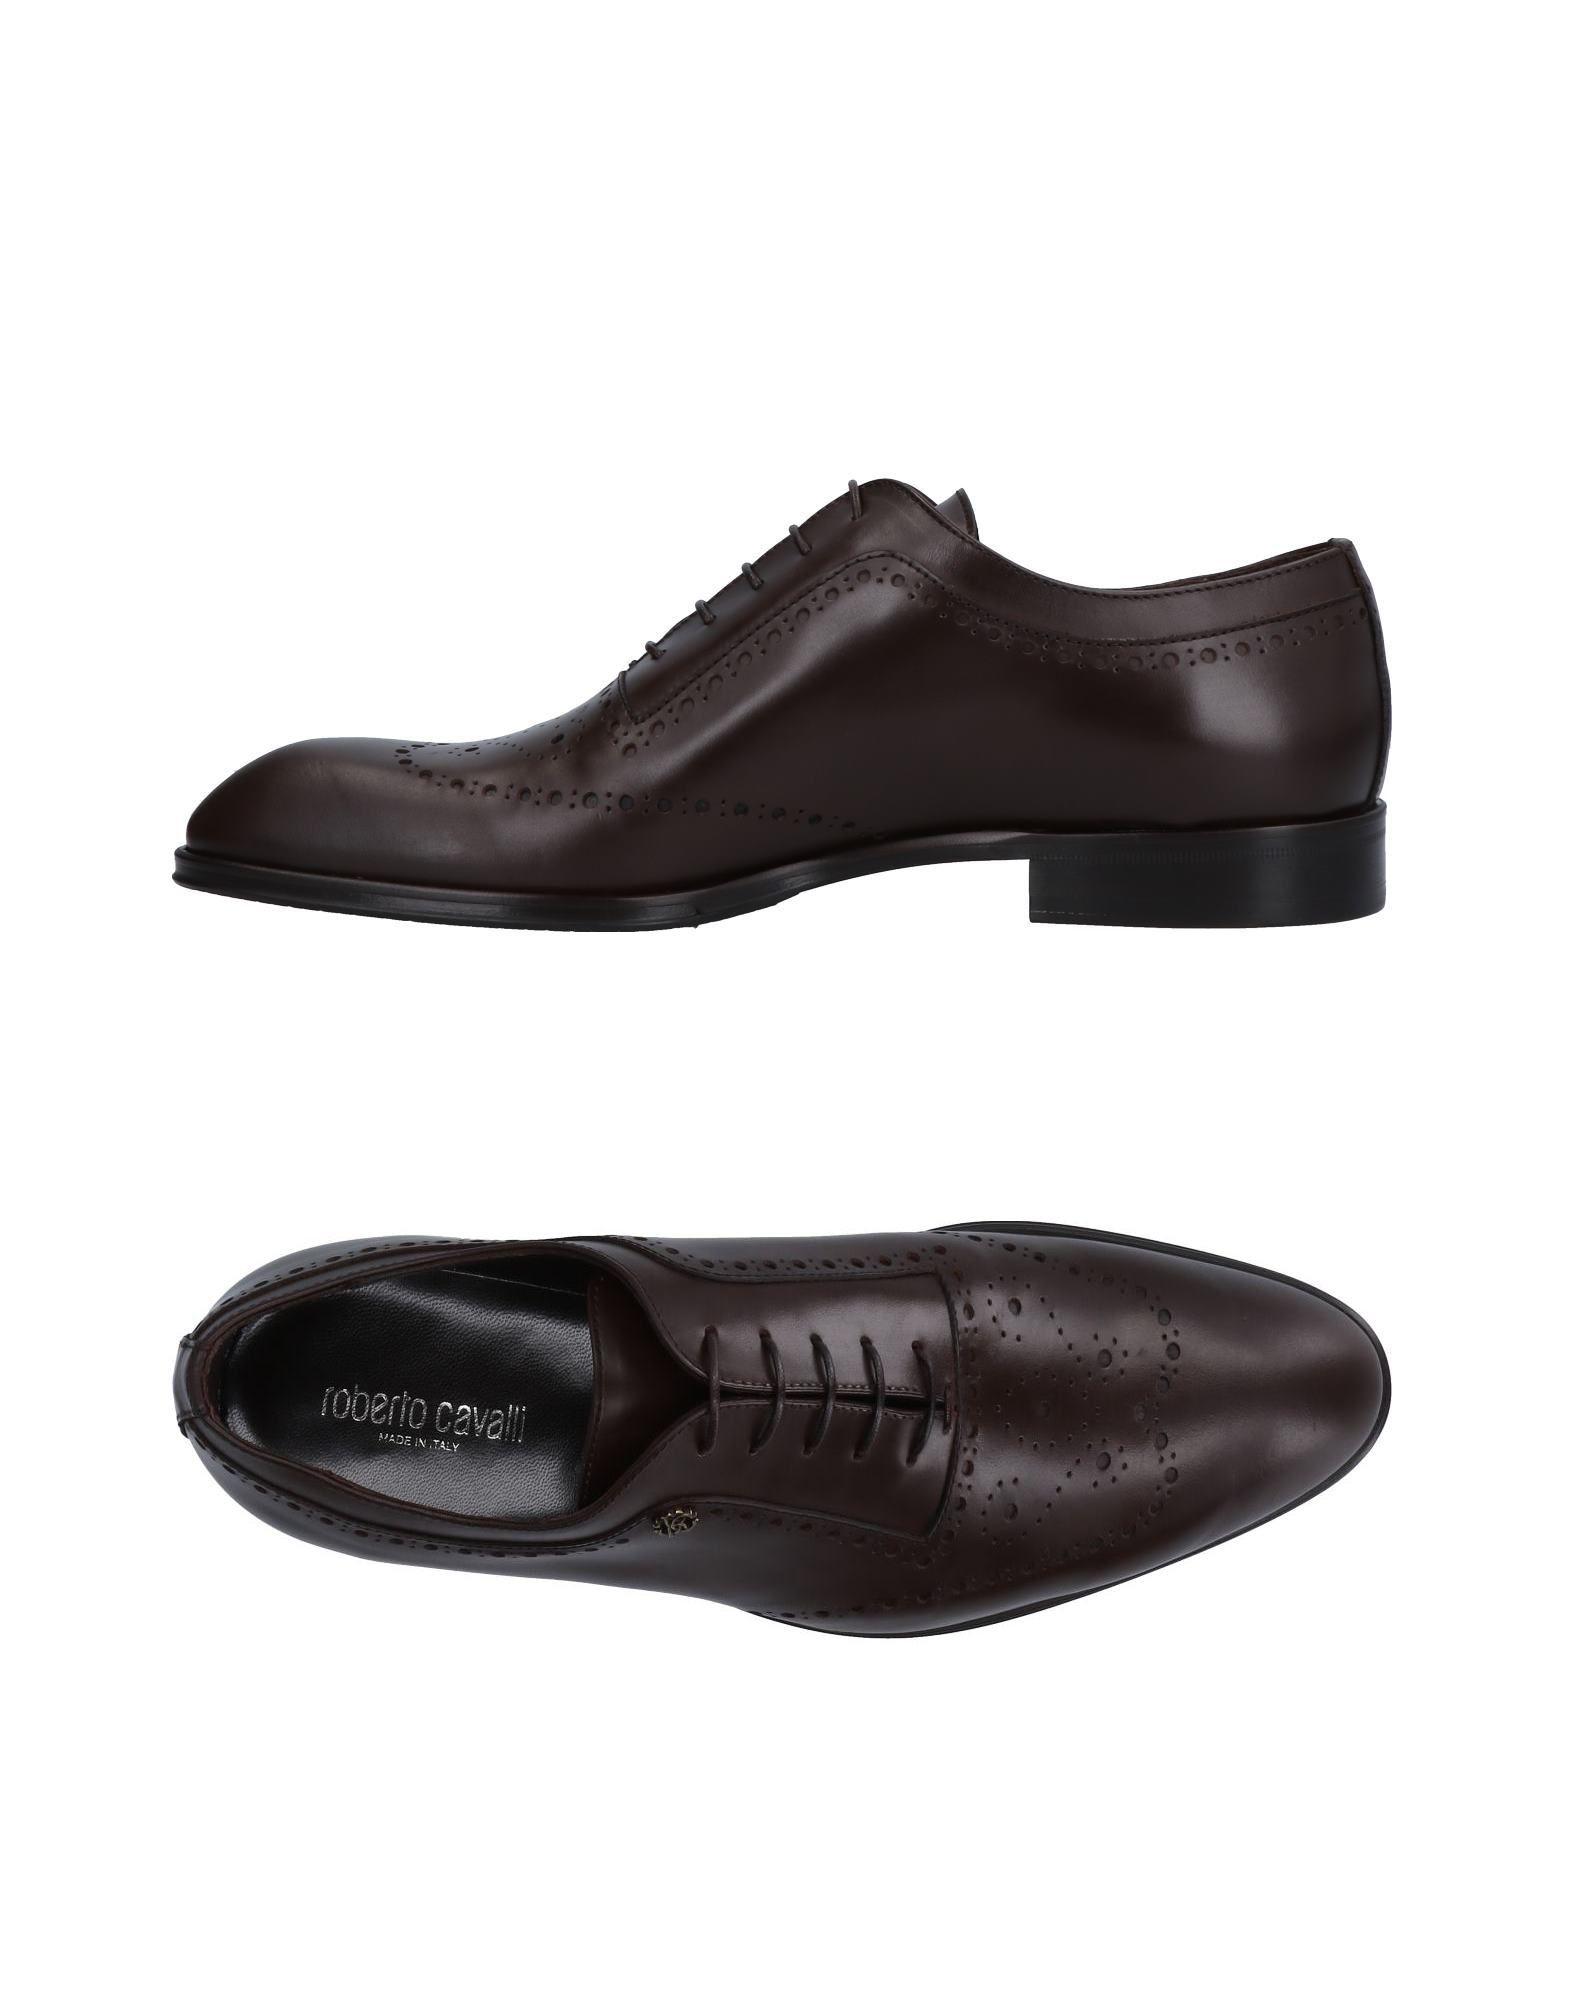 Roberto Cavalli Schnürschuhe Herren  11517379LW Gute Qualität beliebte Schuhe